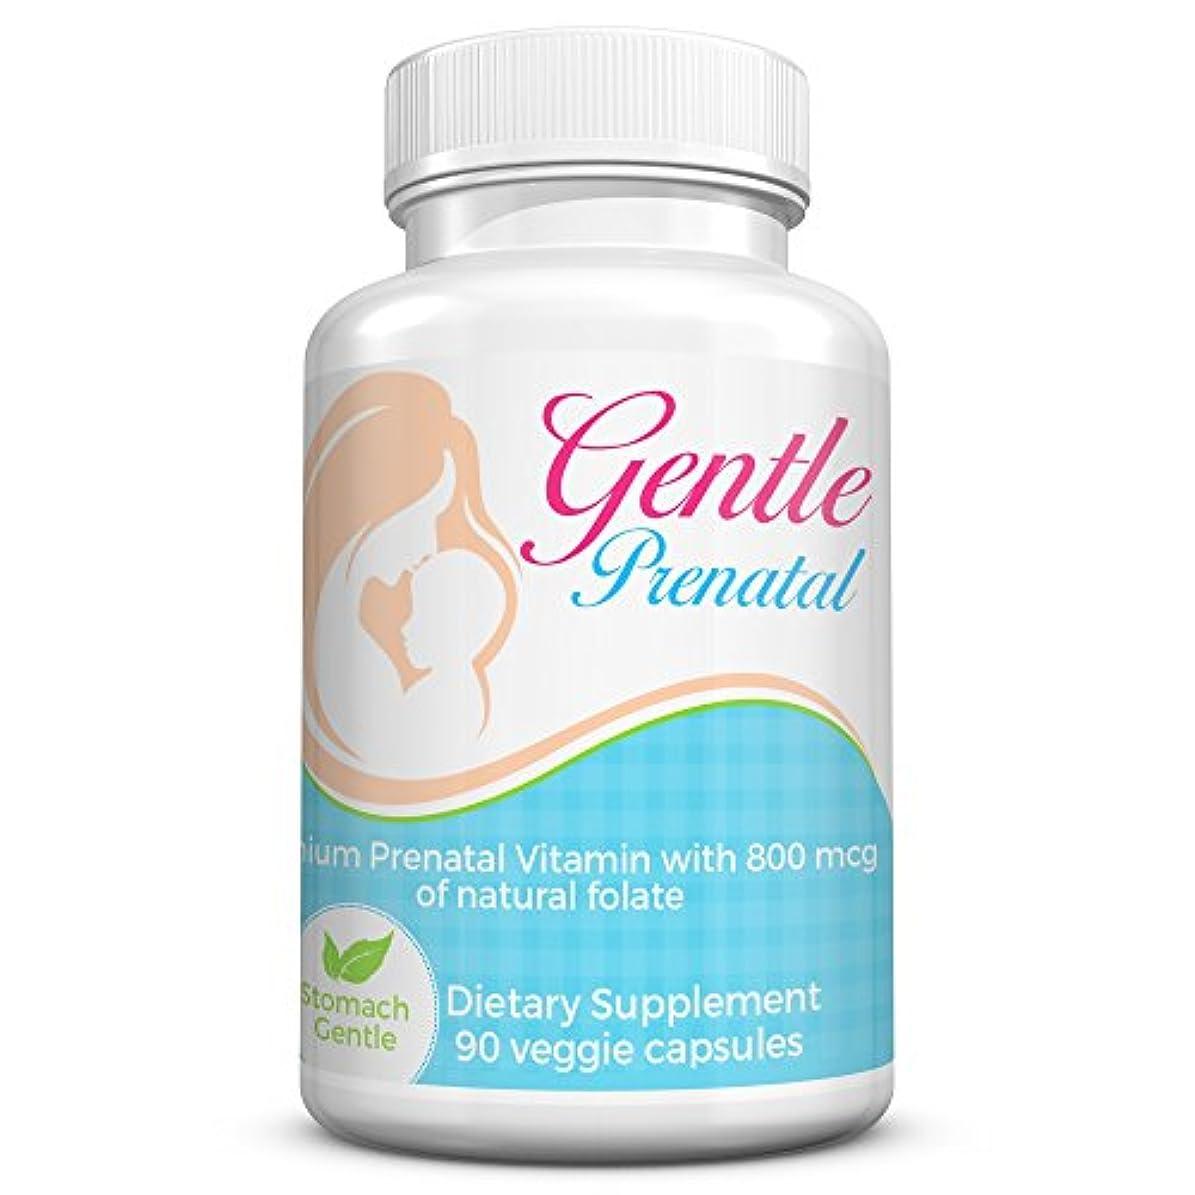 透ける協力的保育園Basic Vigor 母性バランス穏やかな出生前ビタミン(90カプセル)